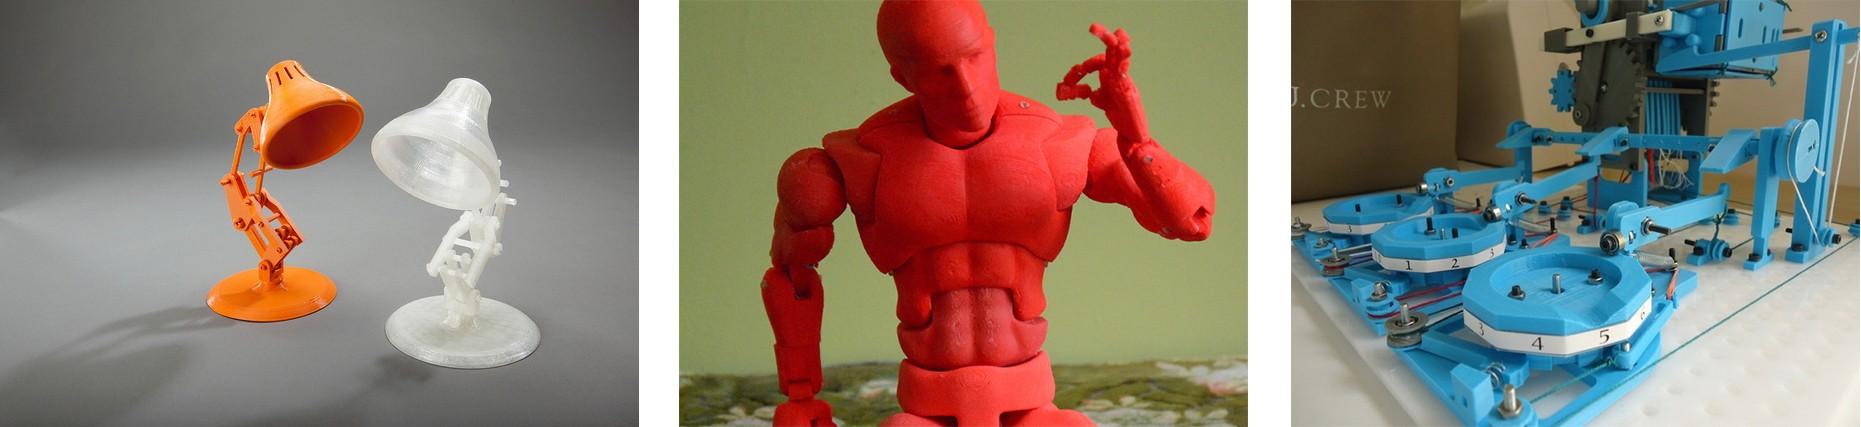 3D-Drucker für FDM